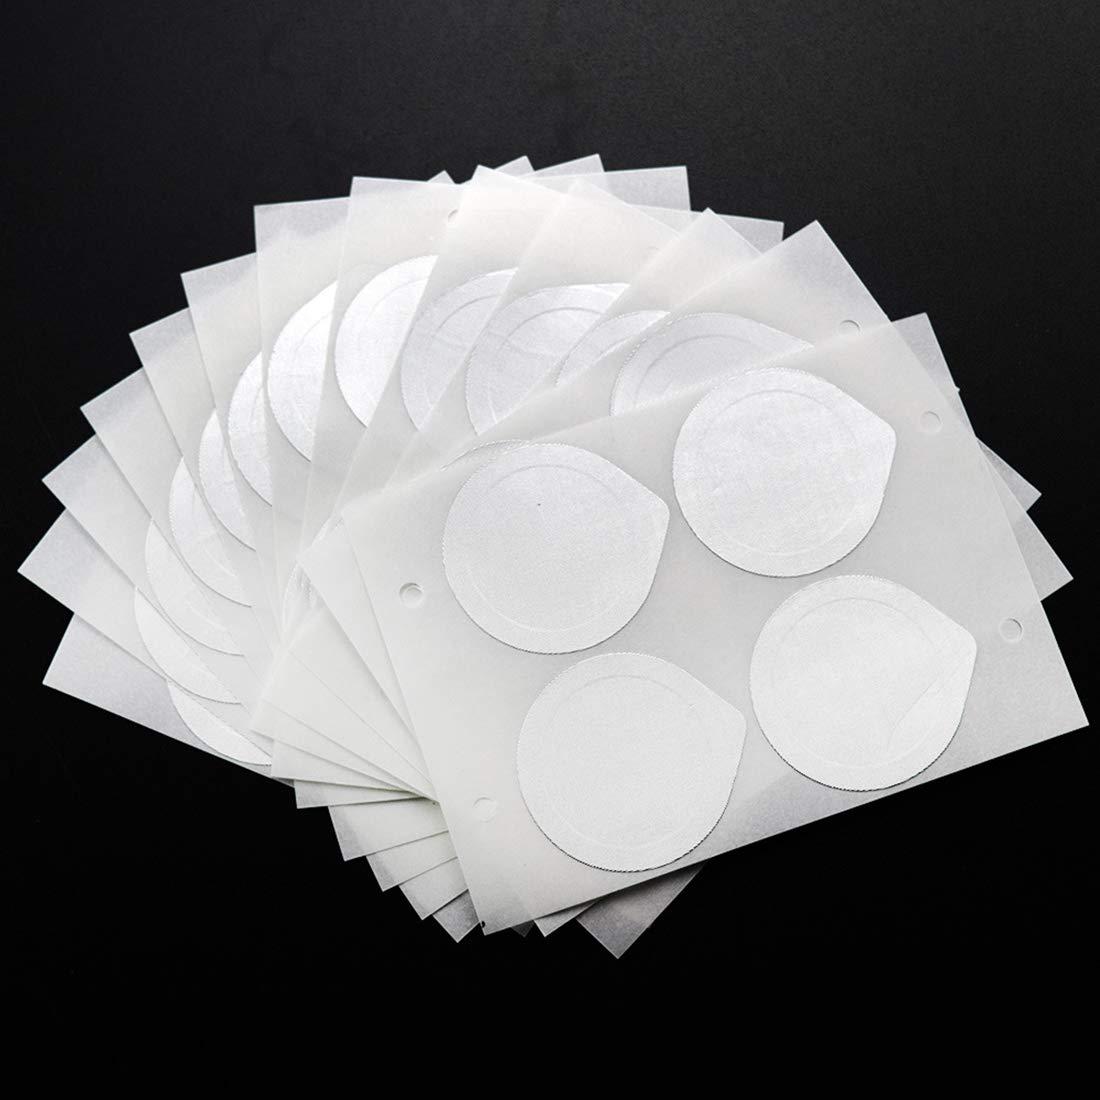 37mm FineInno 100 Unids Lids para C/ápsulas Aluminum Foil Lids Sellos de Papel de Aluminio C/ápsulas Autoadhesivas Compatibles con NISSIA C40 /& NESPRESSO LATTISSIMA Touch F511,1.5inch